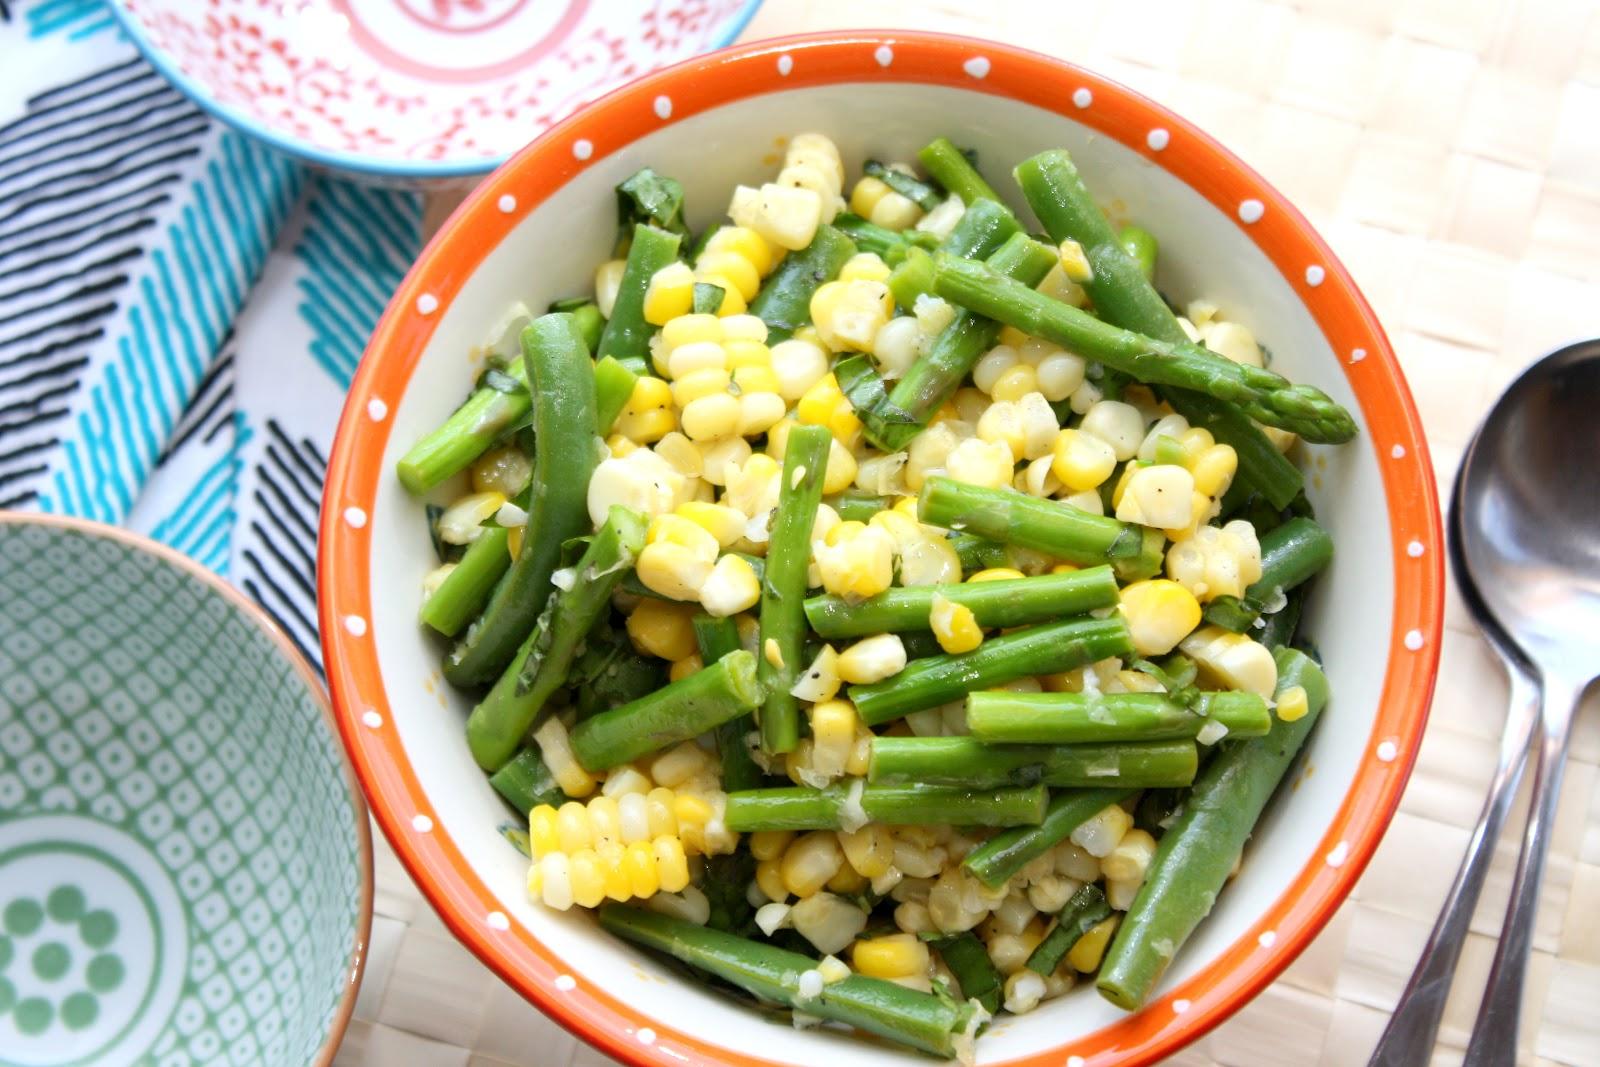 The Bitchin' Kitchin': Corn, Asparagus & Green Bean Salad